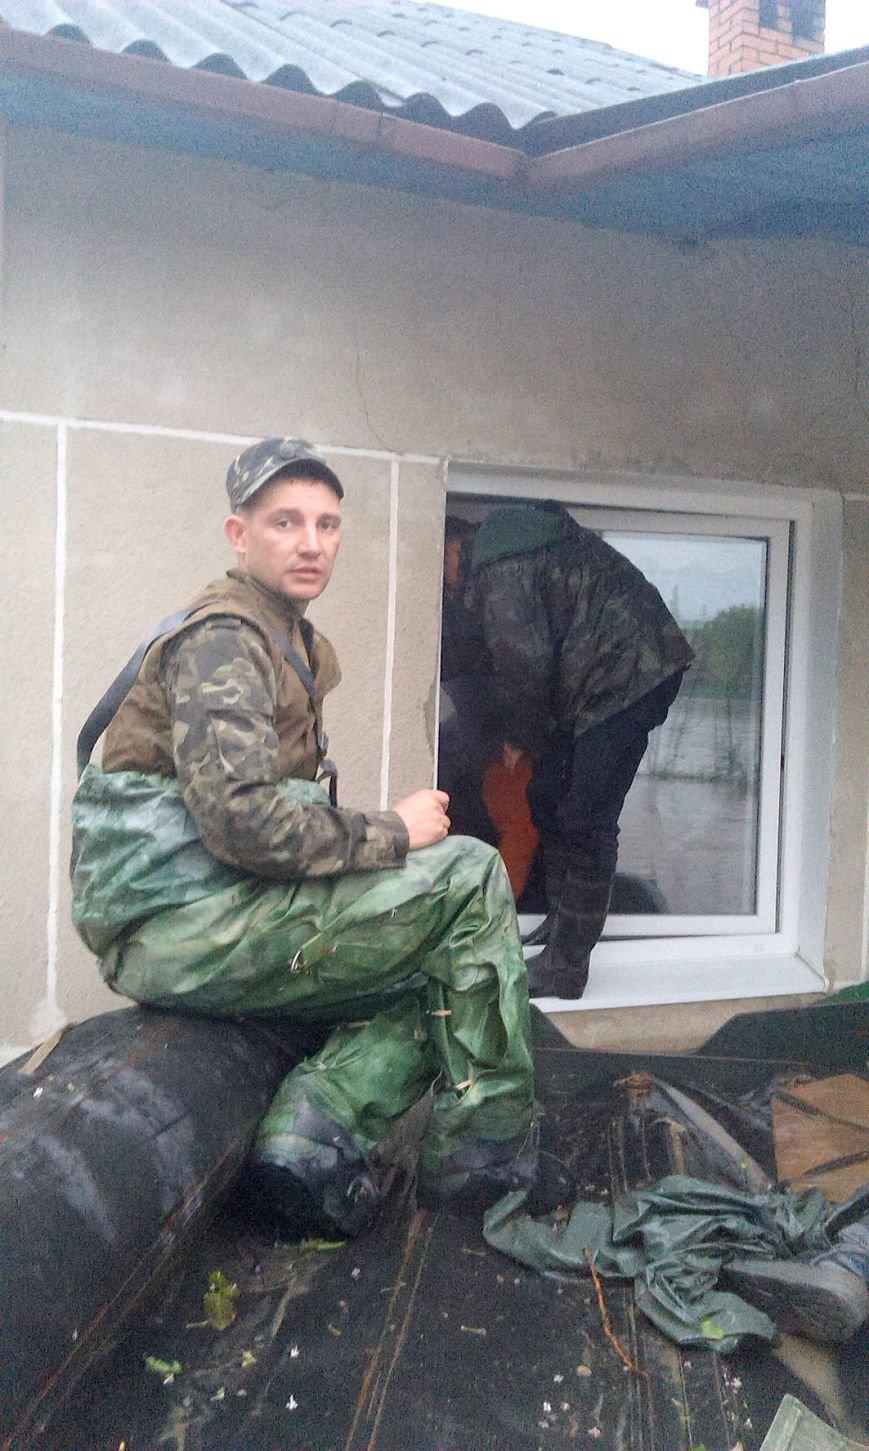 Допоможемо усім Львовом: до евакуації потерпілих від негоди долучились львівські військові (ФОТО), фото-1